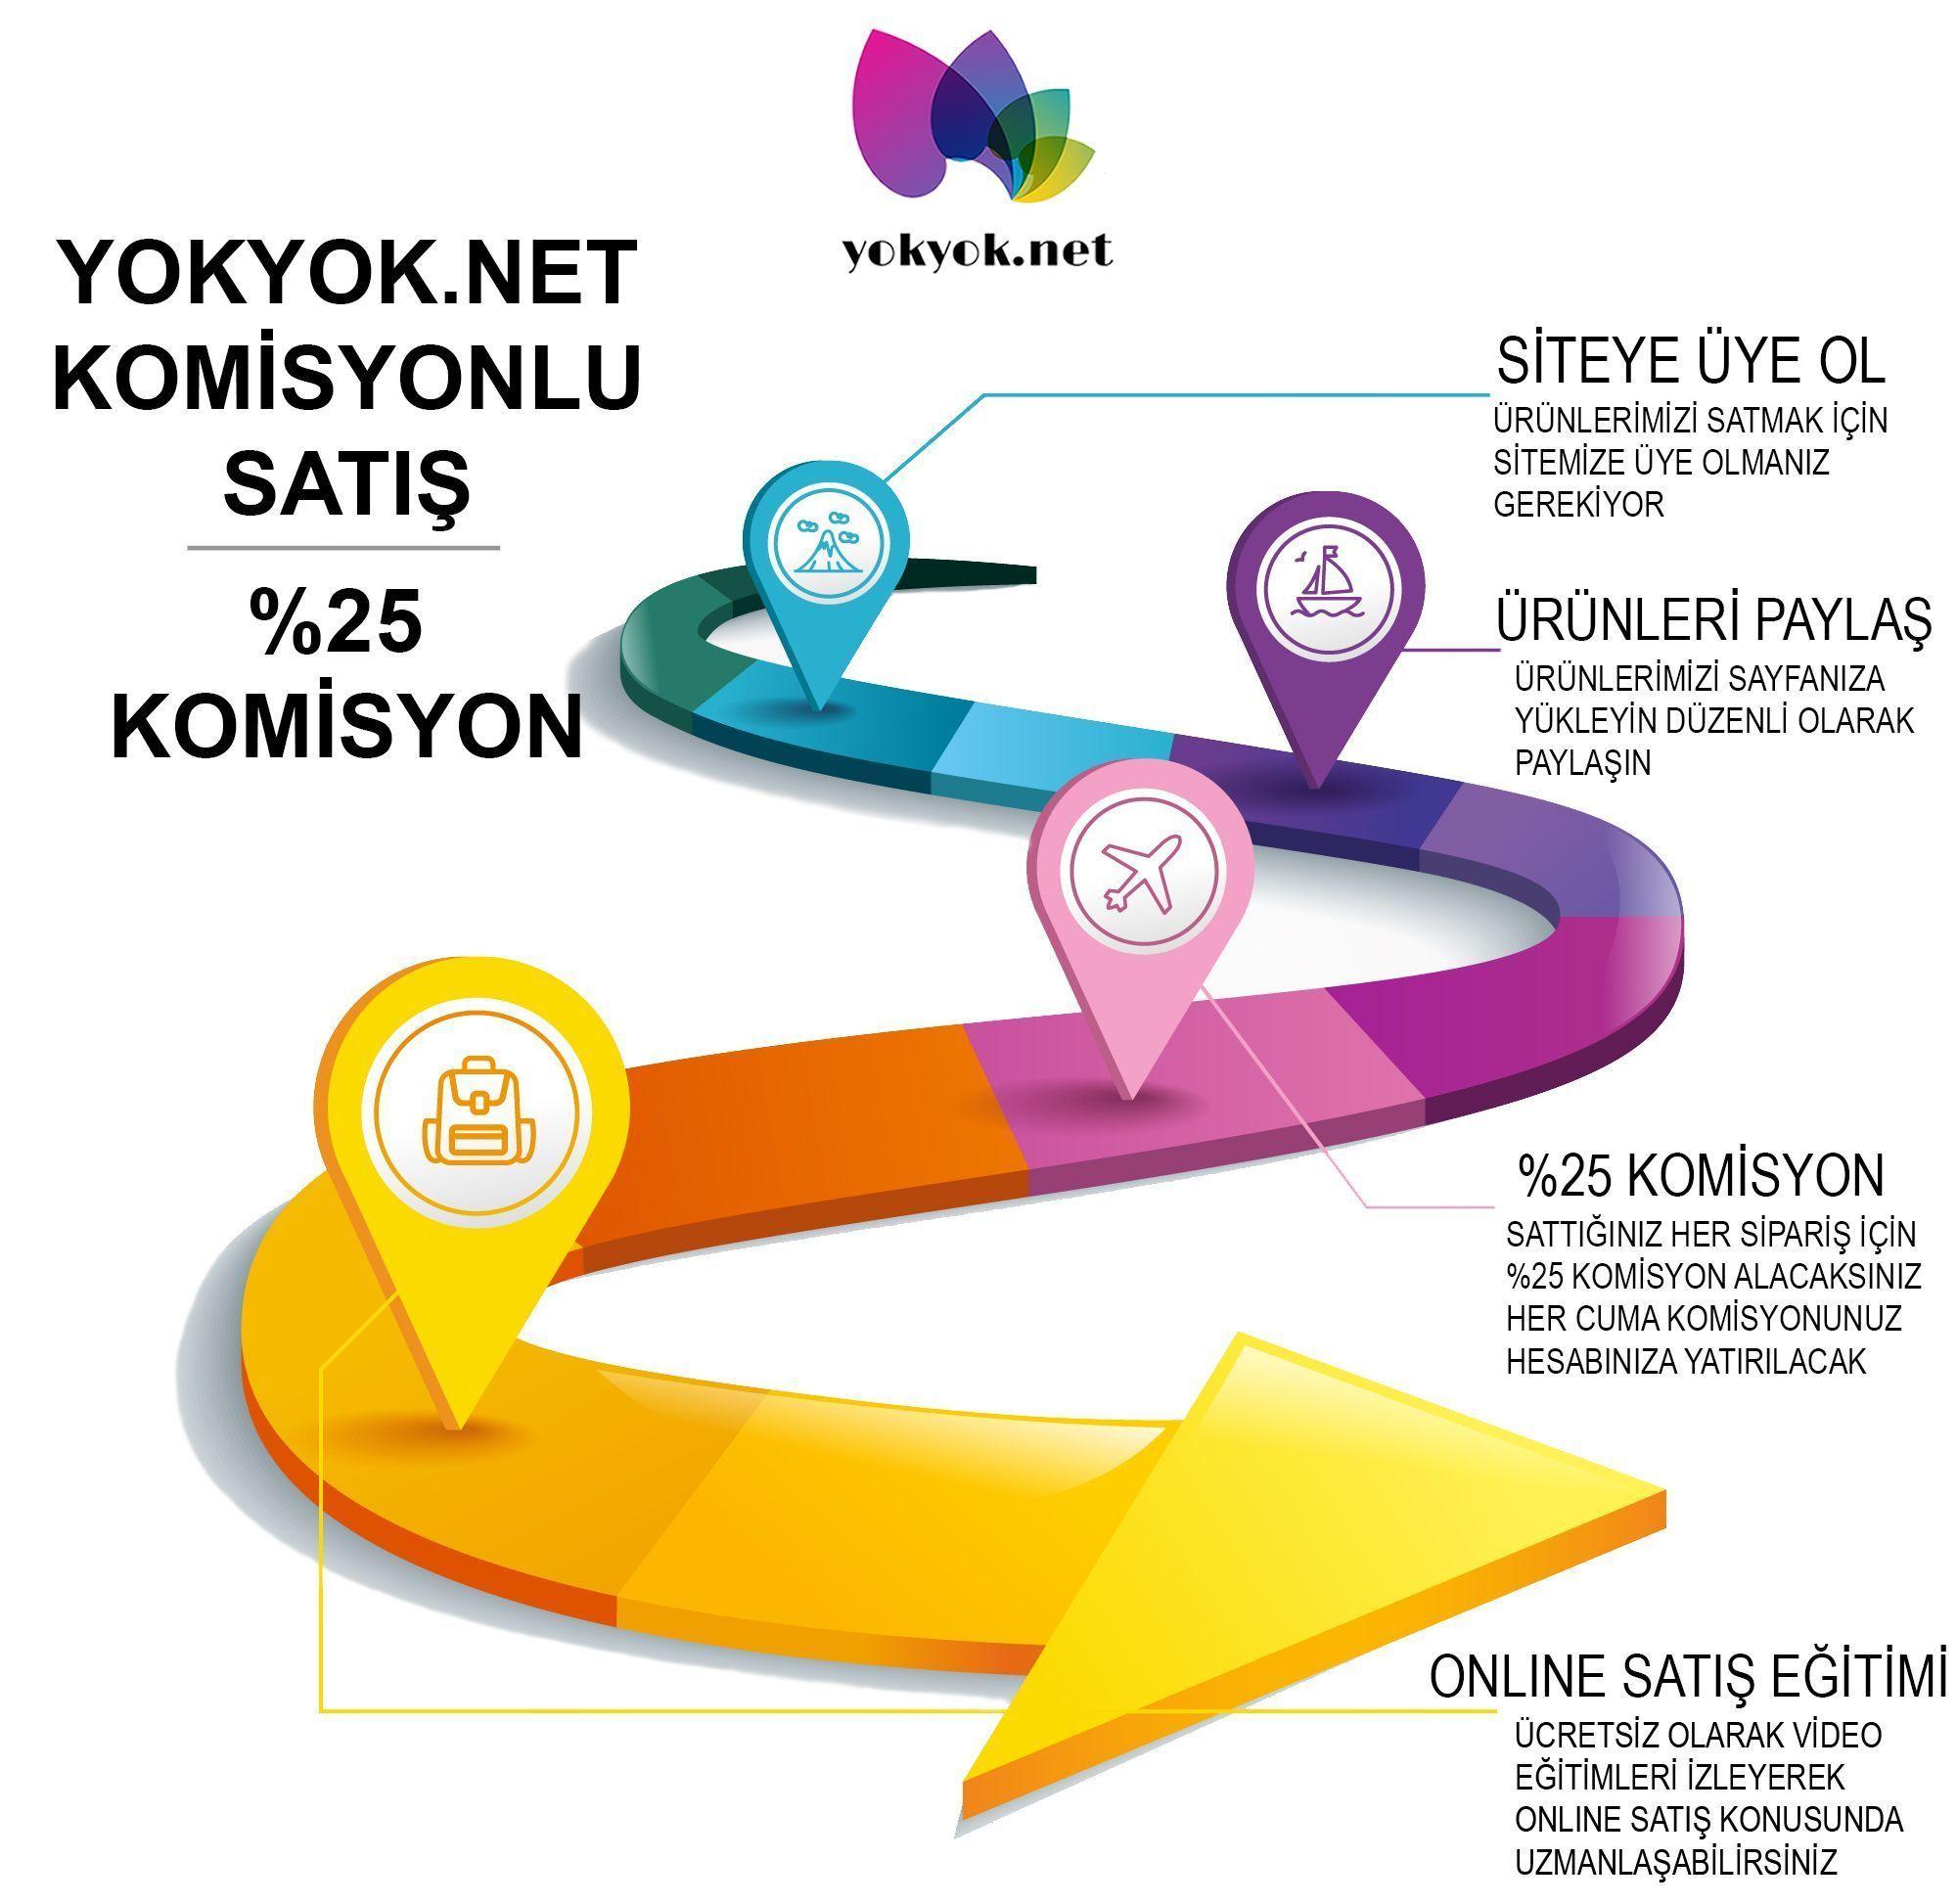 Turkiye Nin En Buyuk Bayan Giyim Tedarik Sistemine Katilarak Xml Bayiligi Yapmak Ister Misiniz Yokyok Xml Bayiligi Sistemi 2020 Bikini Mayo Ayakkabilar Urunler